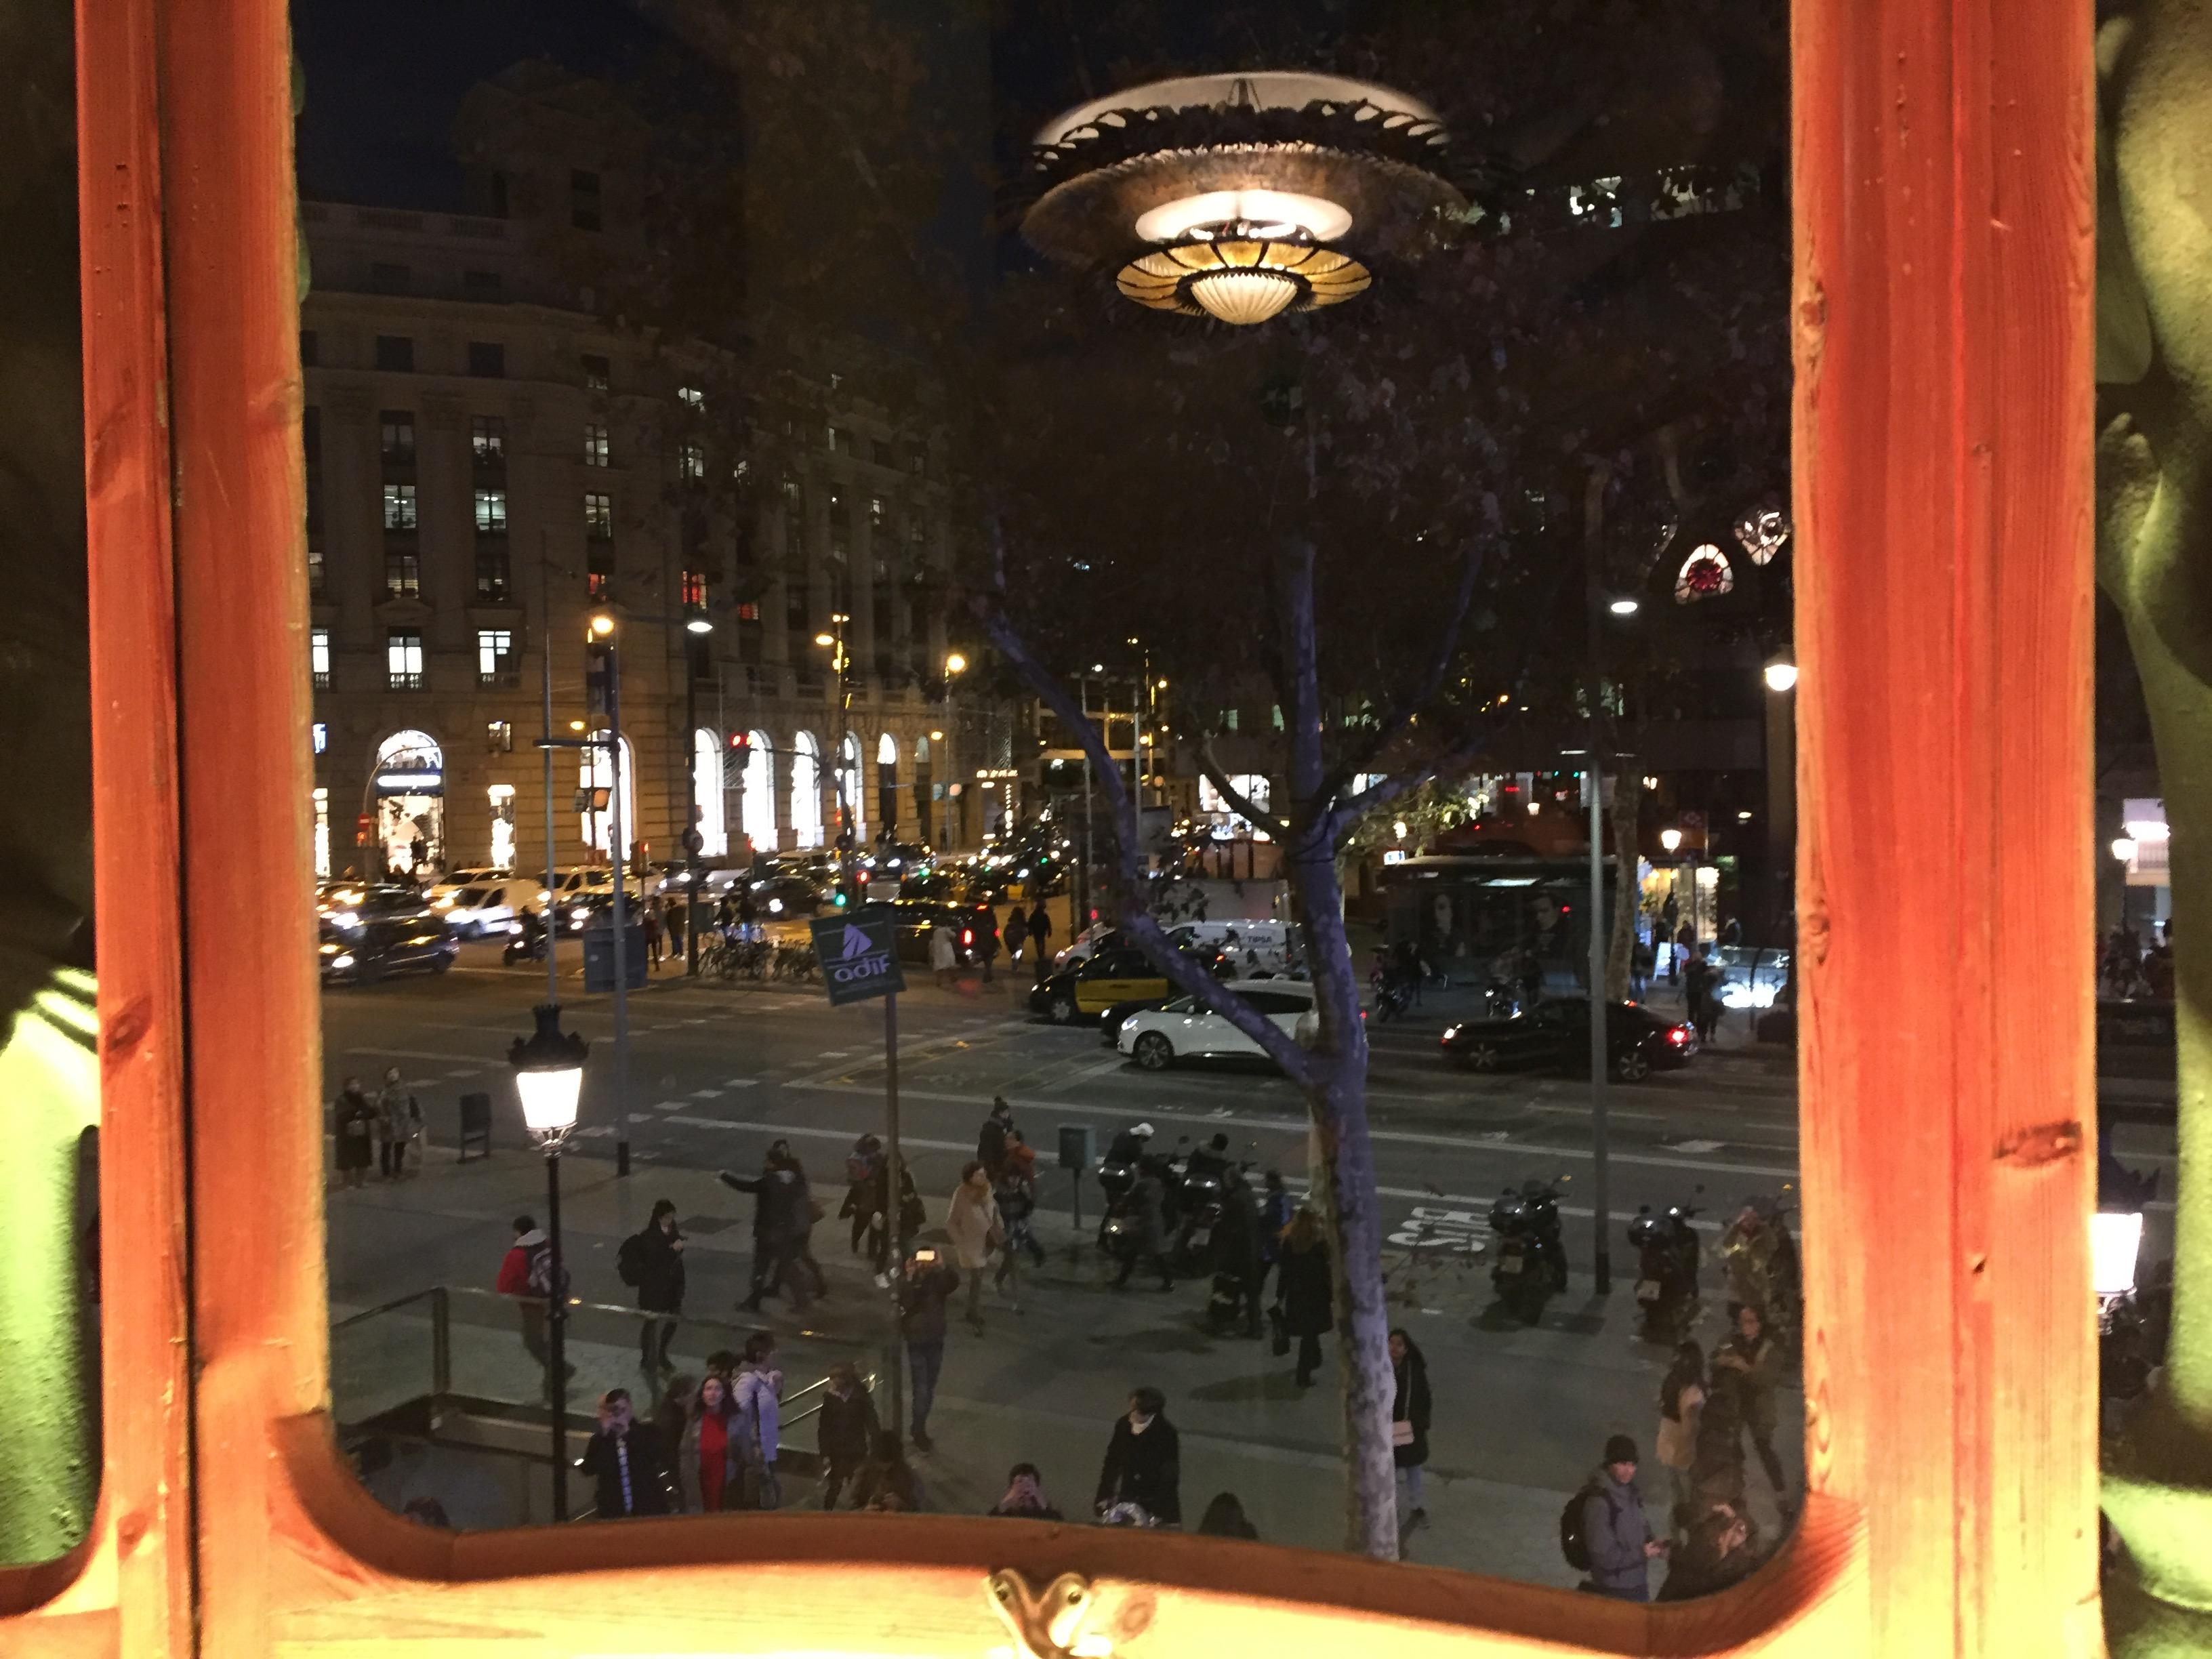 IMG 0844 - Visita a la Casa Batlló en Barcelona Parte I/II